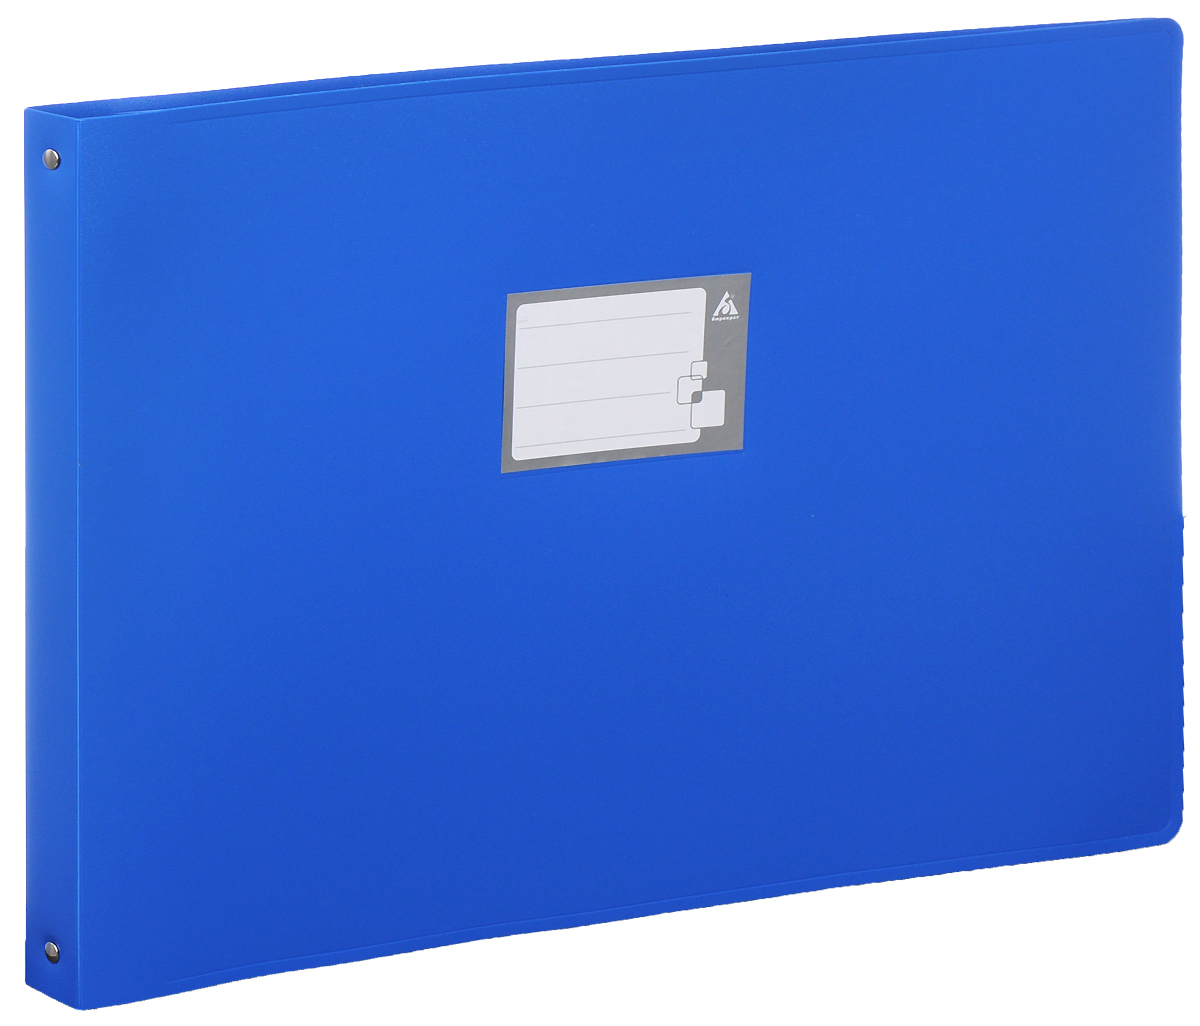 Бюрократ Папка на 4-х кольцах цвет синий 816570FS-36052Надежная папка-уголок Бюрократ станет для вас незаменимым помощником в учебных или офисных делах.Папка-уголок формата А3 изготовлена из износоустойчивого пластика и предназначена хранения различных документов. Она оснащена 4 металлическими кольцами, которые позволят надежно закрепить все нужные документы. На обложке можно написать информацию о владельце или о содержимом папки. Такая папка всегда будет сохранять ваши документы в опрятном и чистом виде.